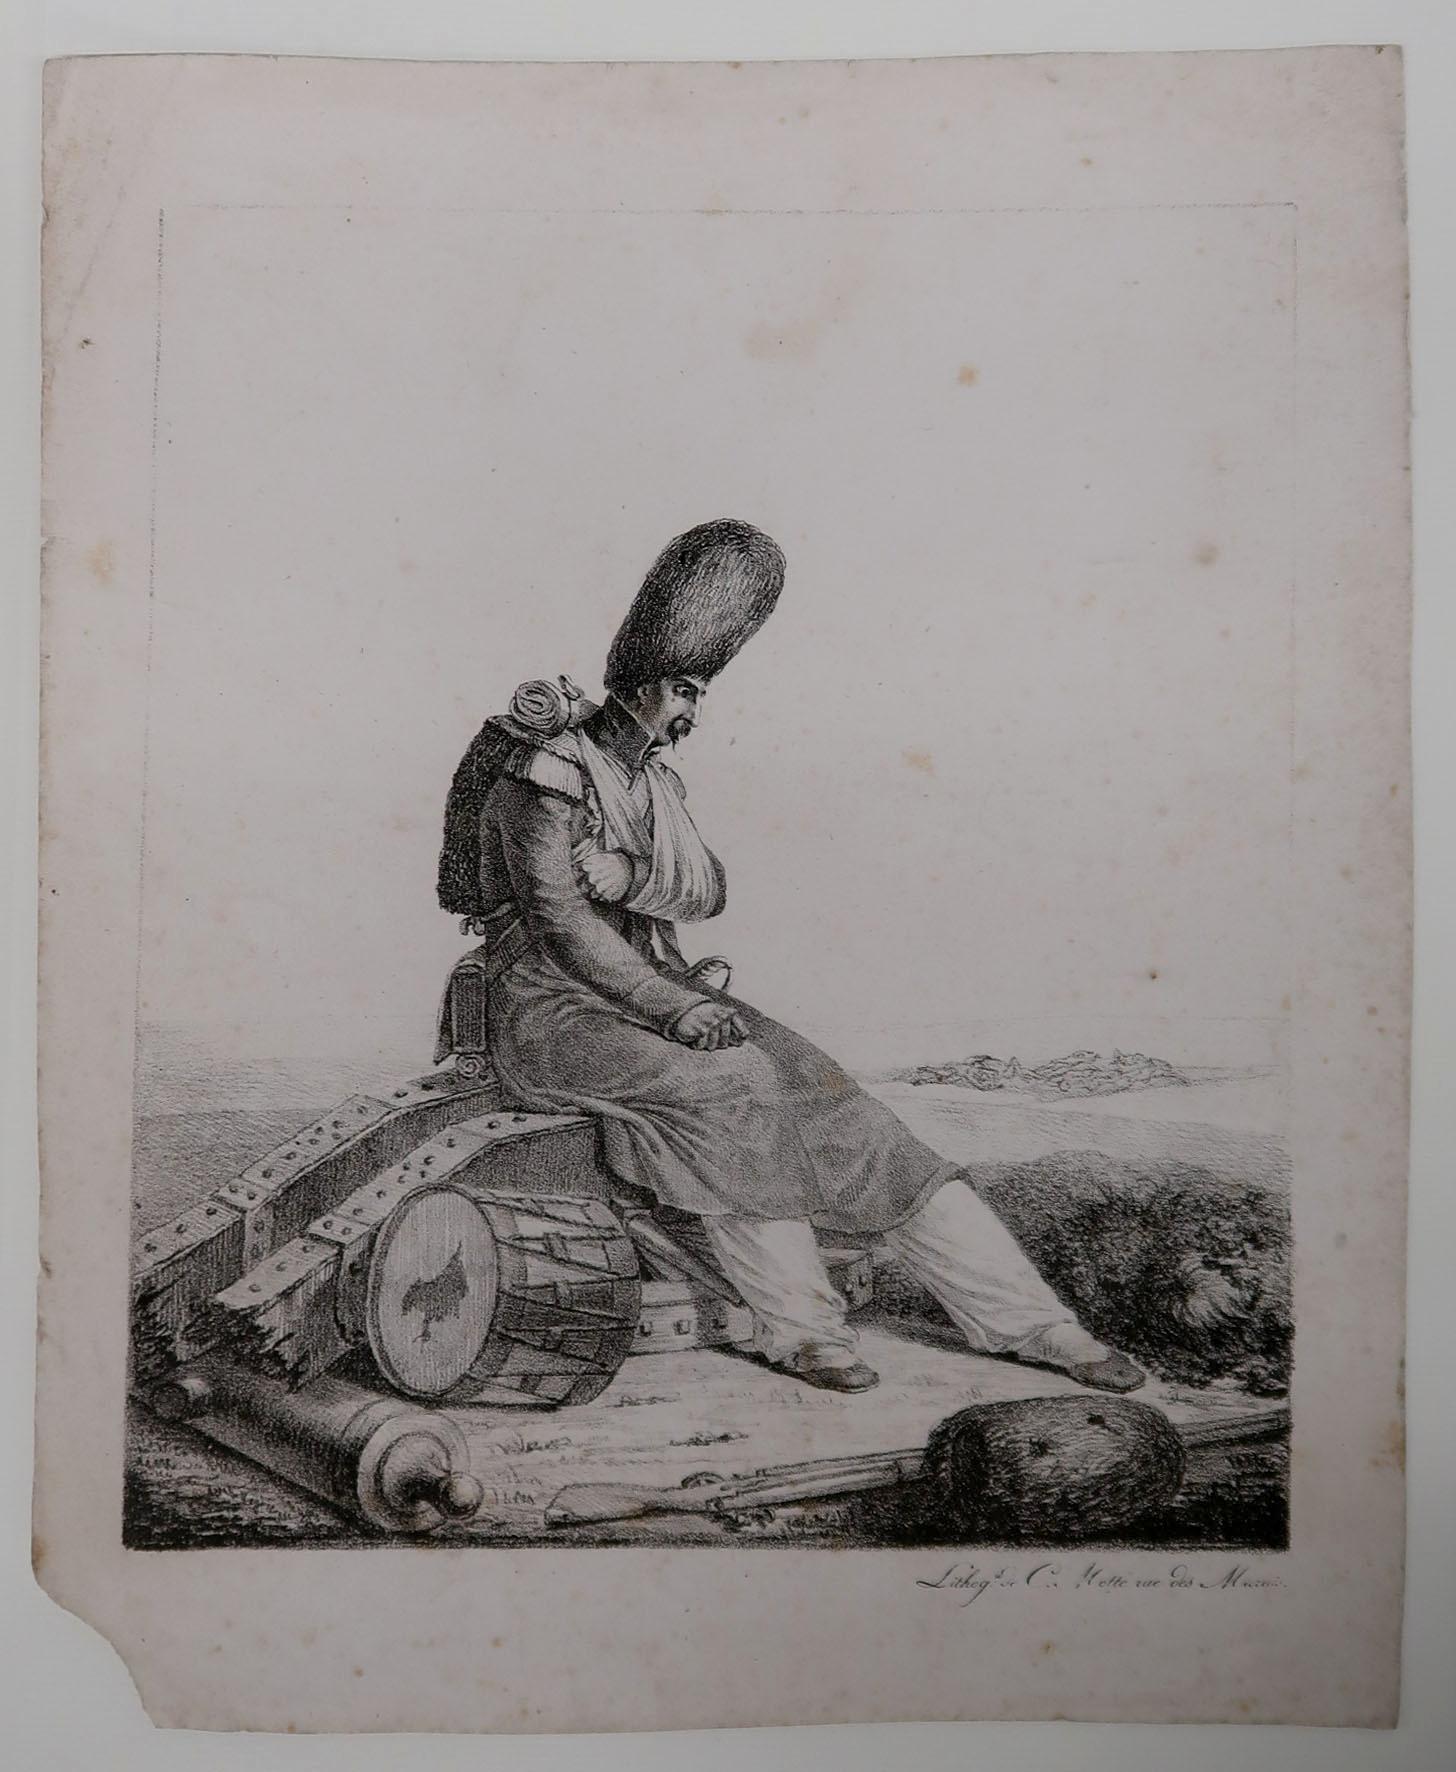 Bild 5: Verletzter Soldat mit einer Grenadiermütze, Lithographie, Charles Étienne Pierre Motte (1785 - 1836), Paris, 1. Hälfte 19. Jahrhundert, Sammlung Museum Burg Zug